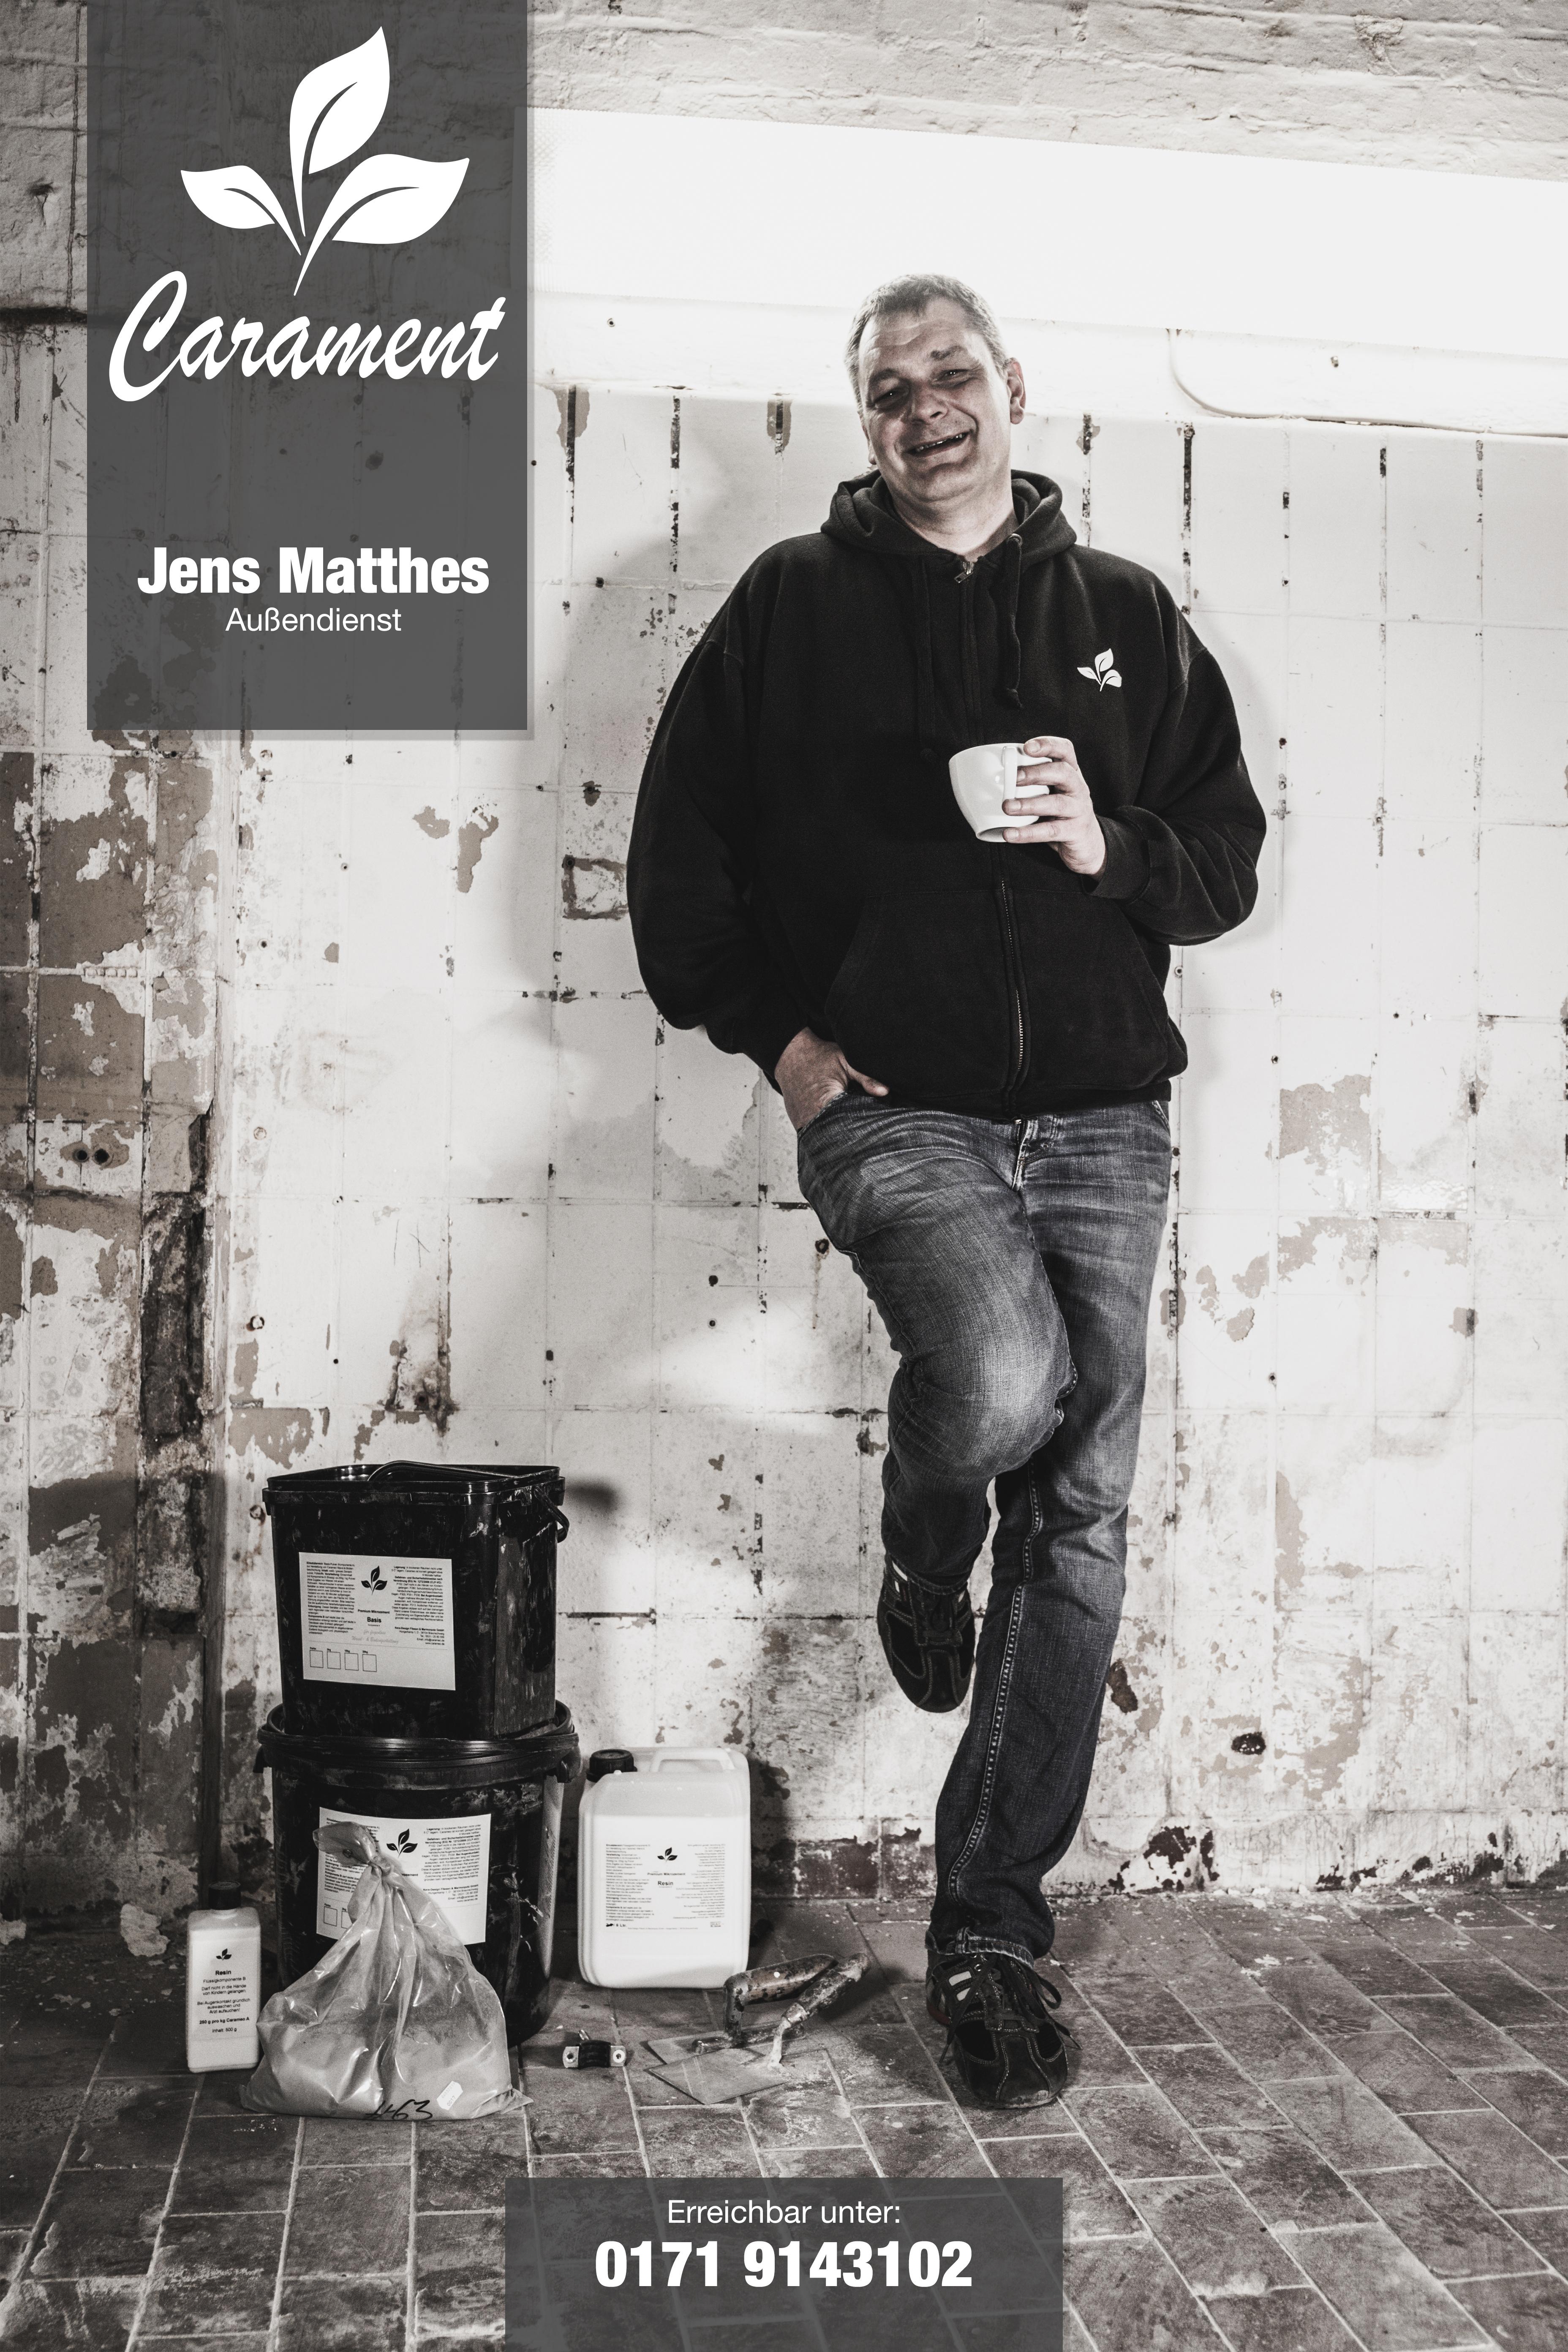 Aussendienst Jens Matthes